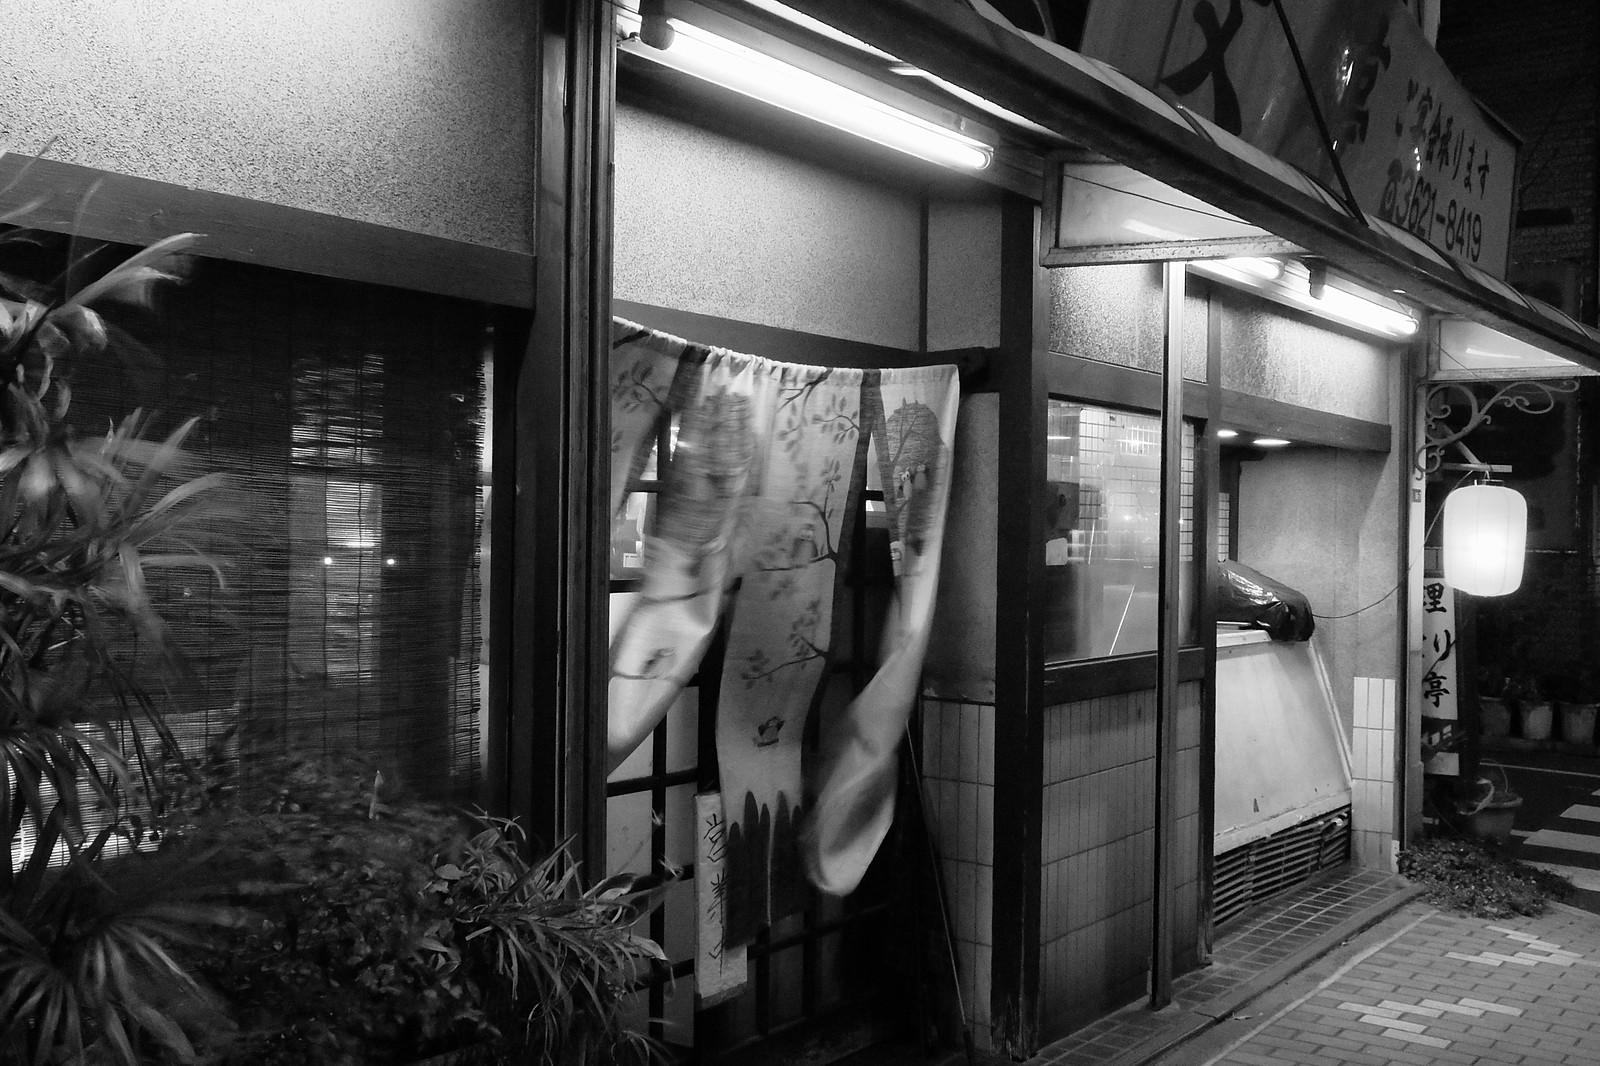 Sumida-ku Tokyo